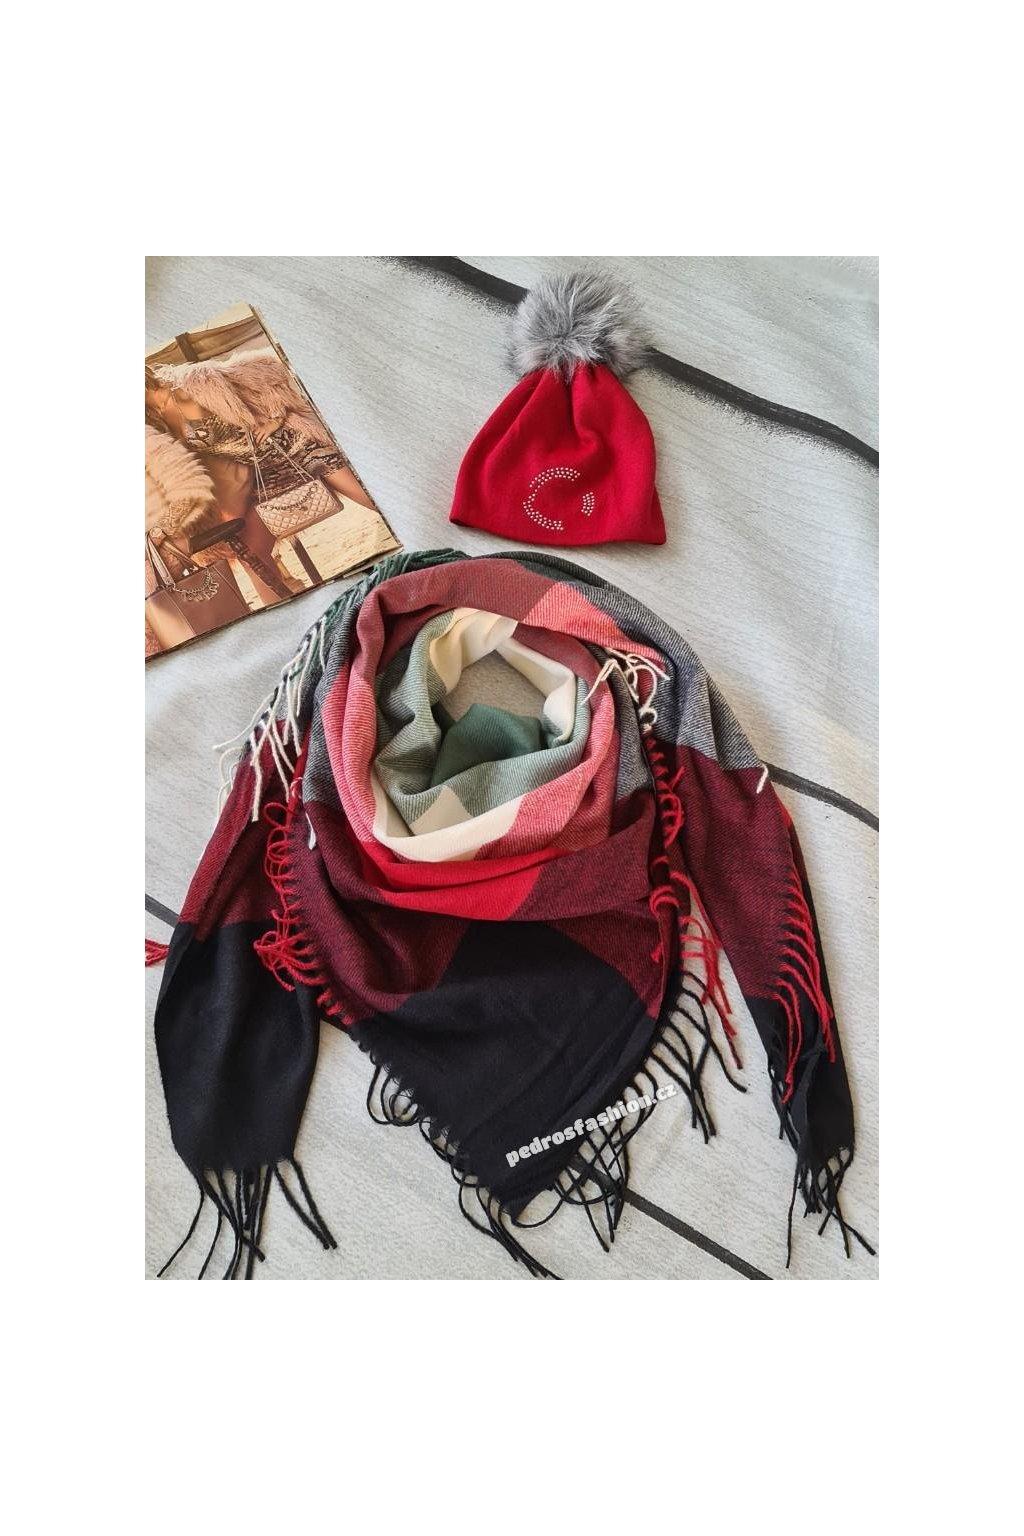 sladěný set čepice a šátku dokonalý dárek v bordó barvě